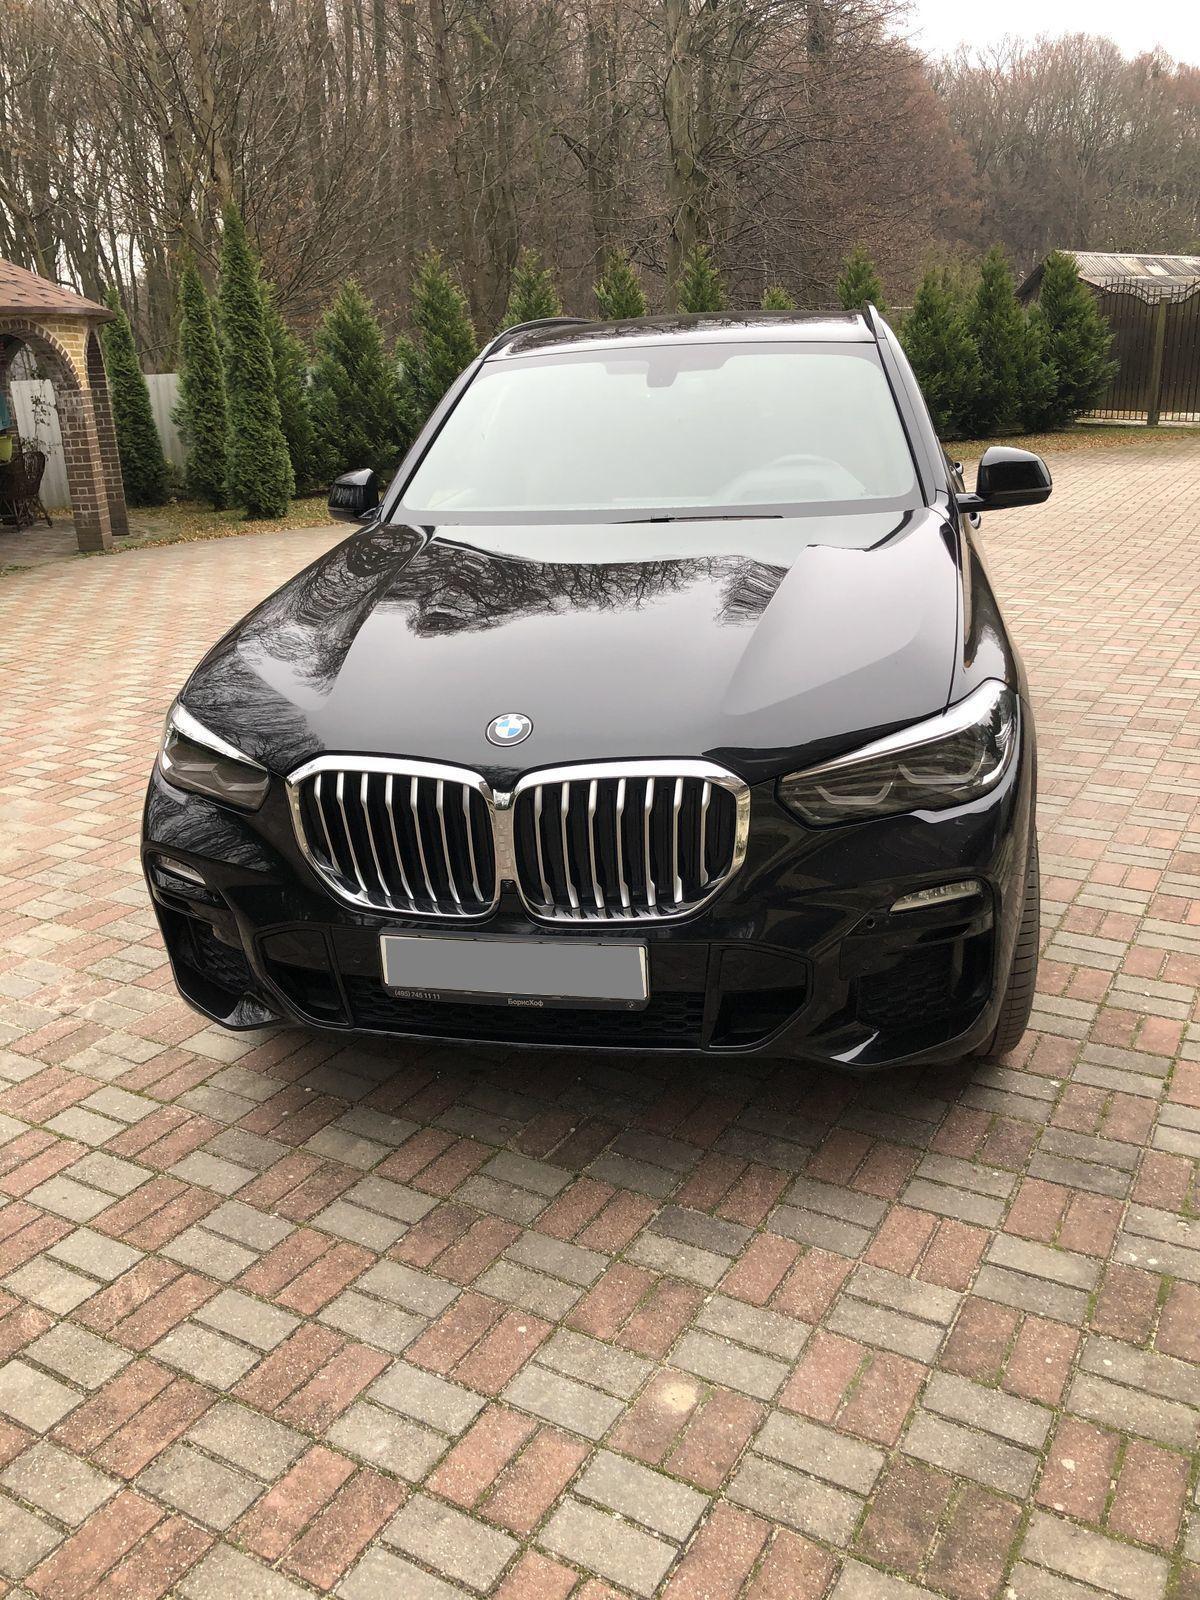 BMW X5 2019 в Калининграде, Автомобиль 2019 года, 3 литра ...